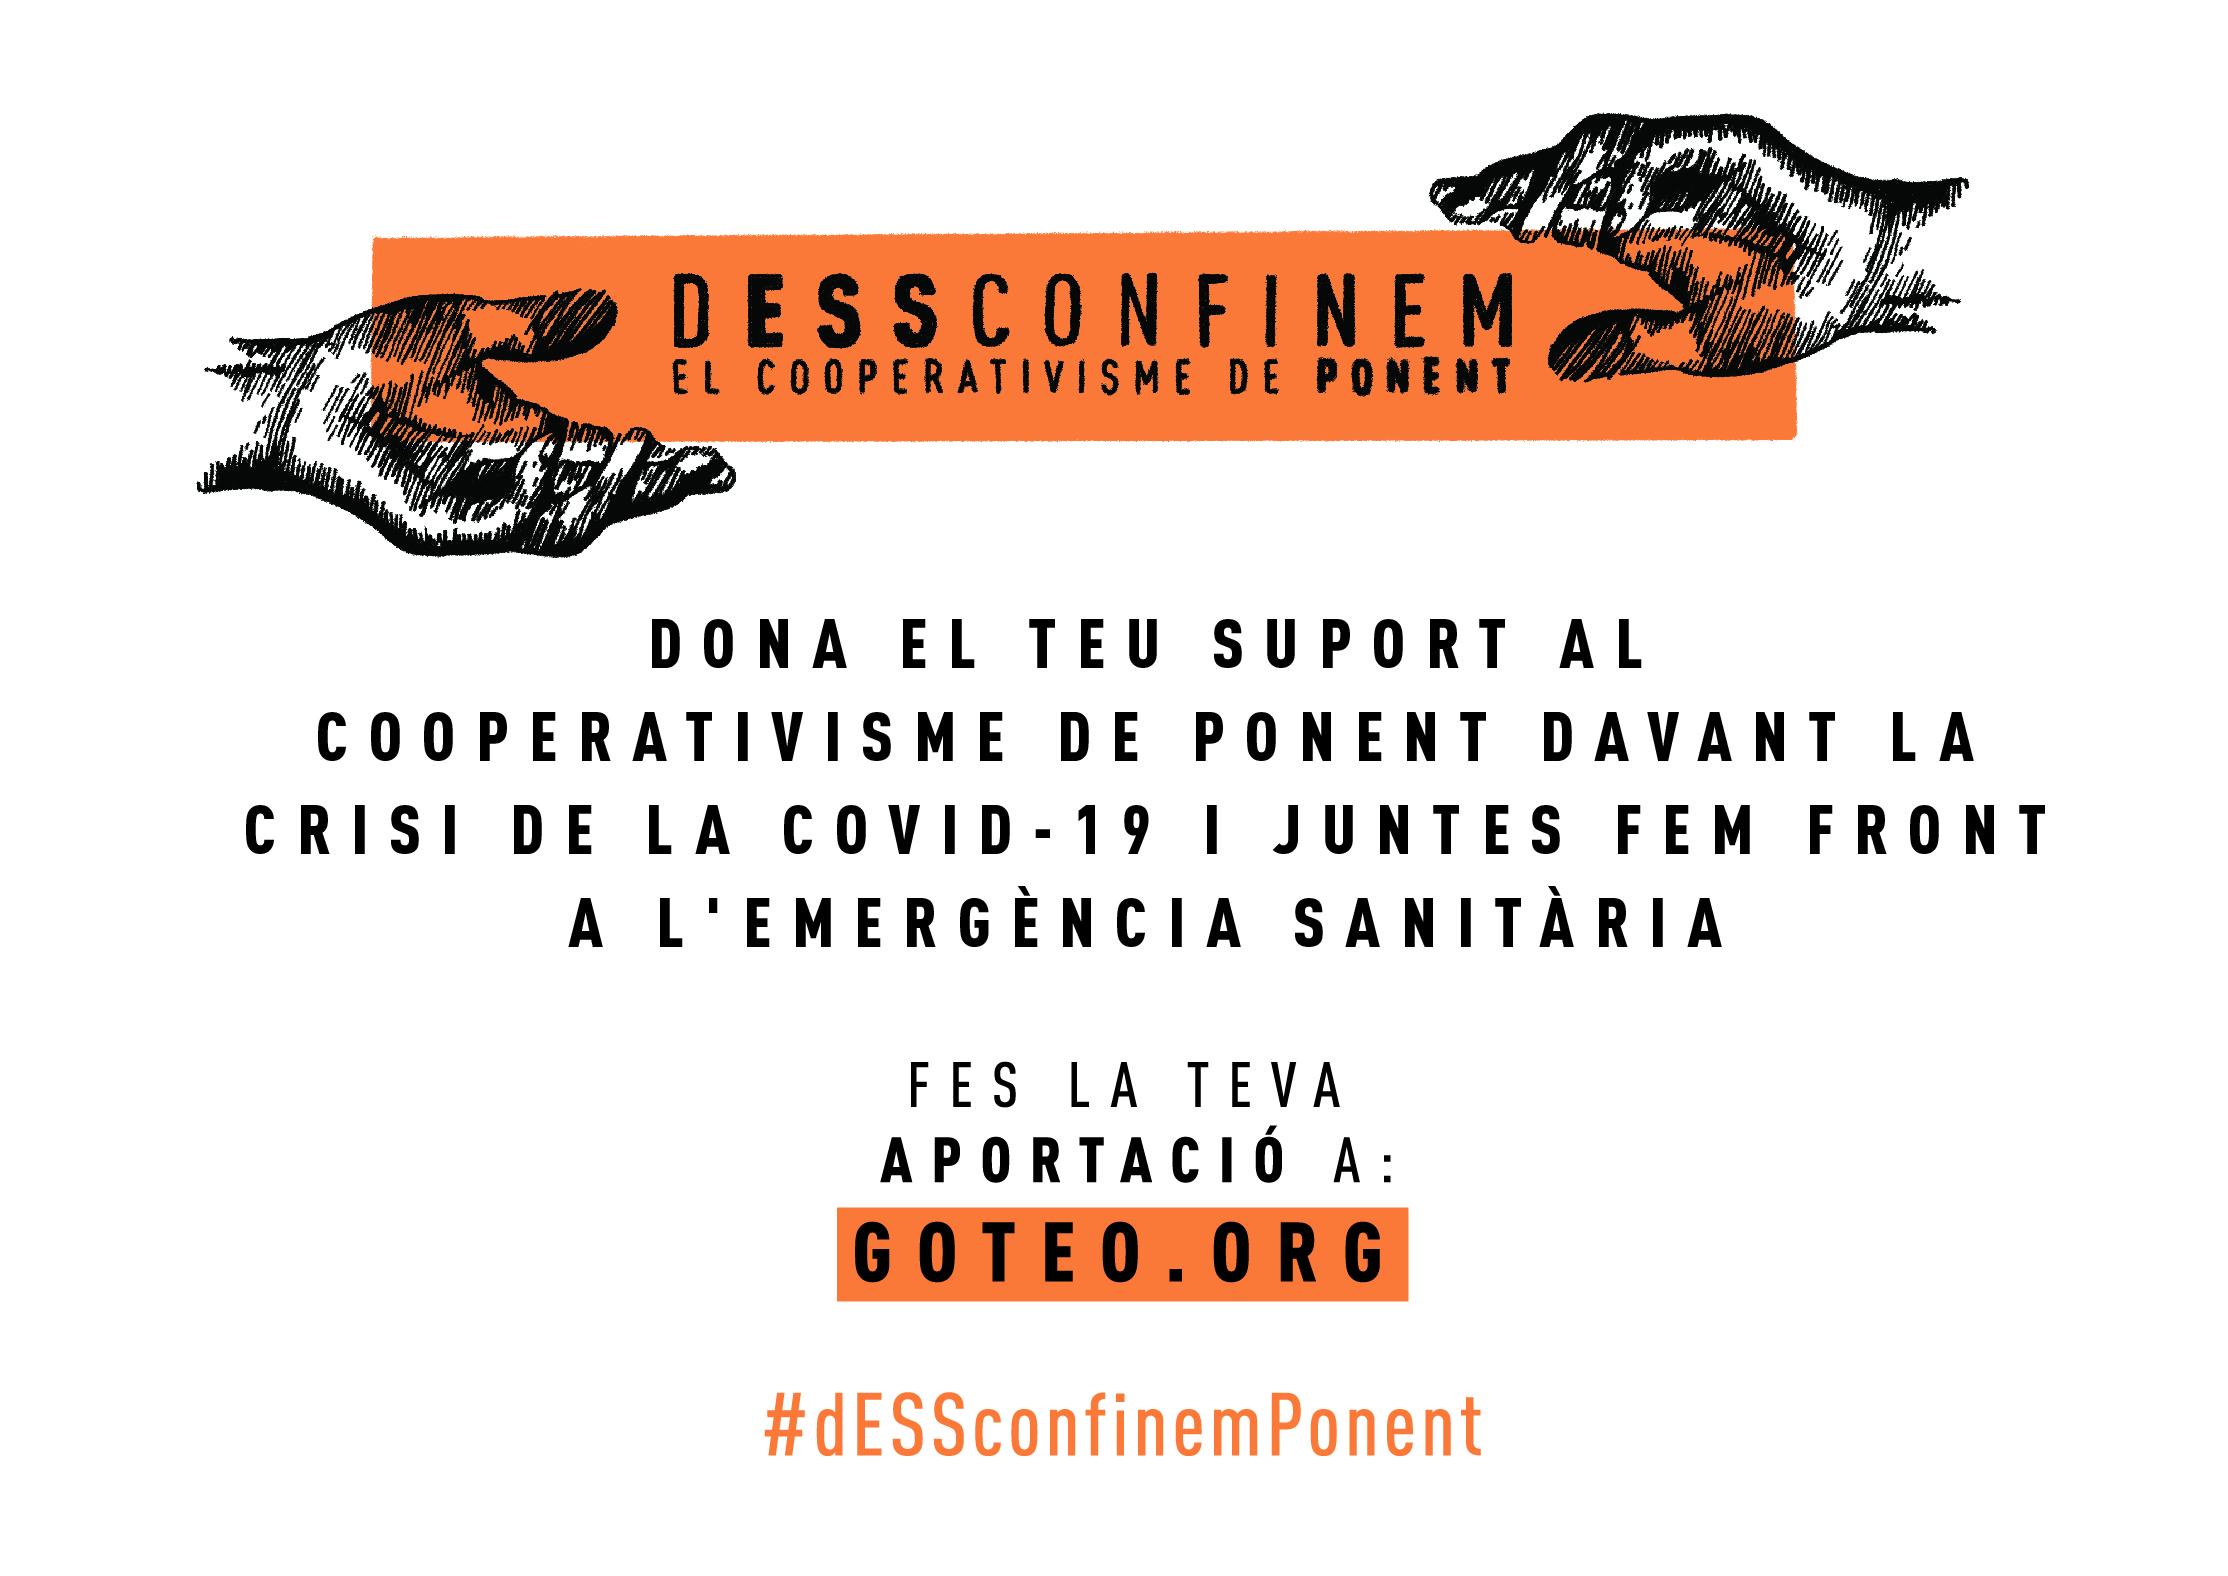 En només sis dies la campanya #dESSconfinemPonent aconsegueix el primer repte econòmic